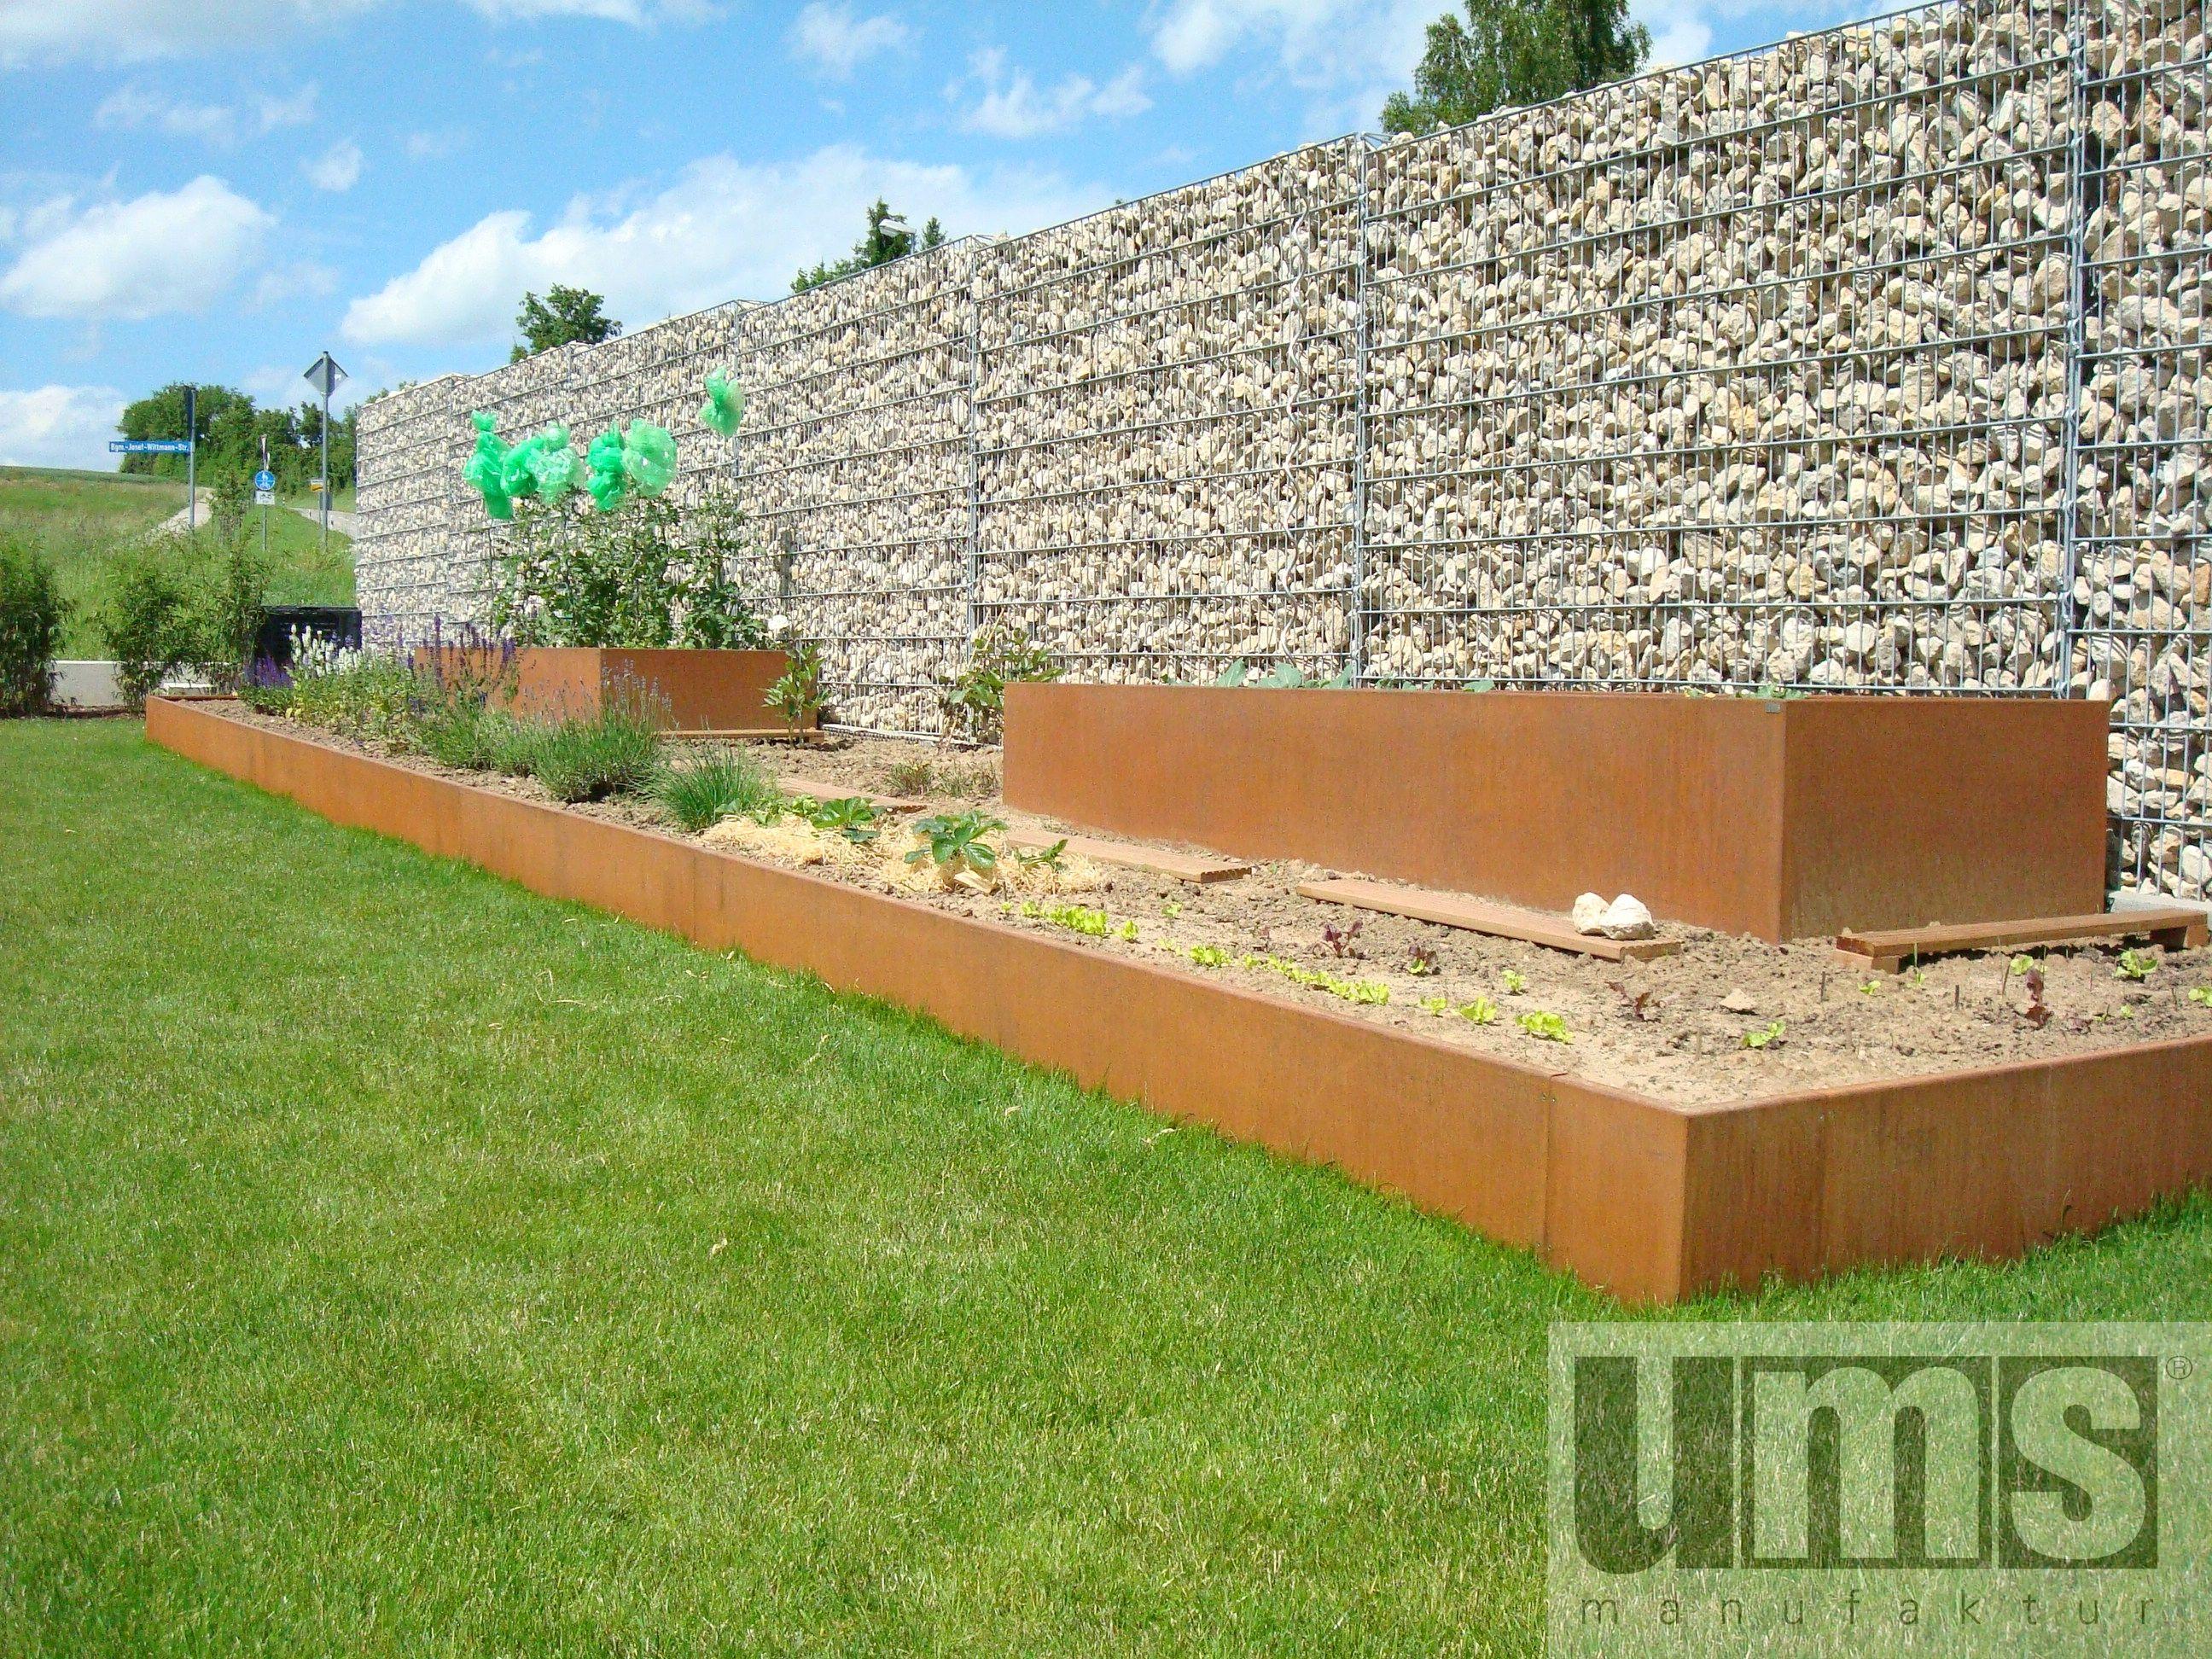 Holz Beton Larmschutzwande He Umweltschutz Ingenieurbau Gmbh